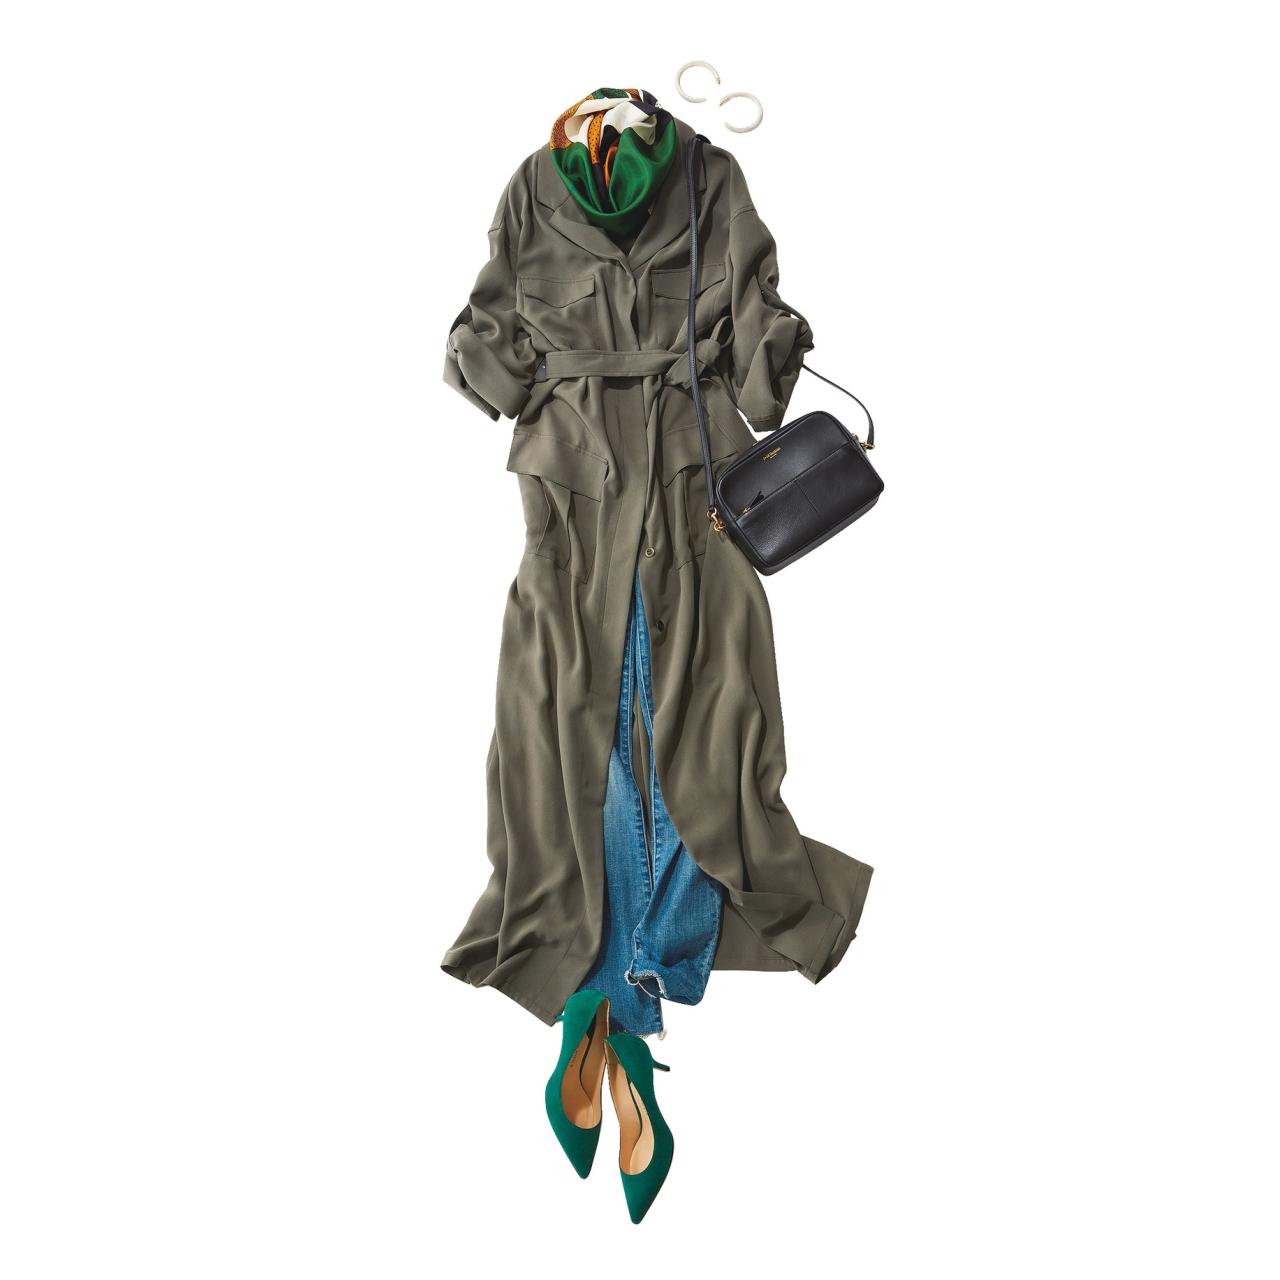 2018年秋冬 人気ファッションコーデランキング8位